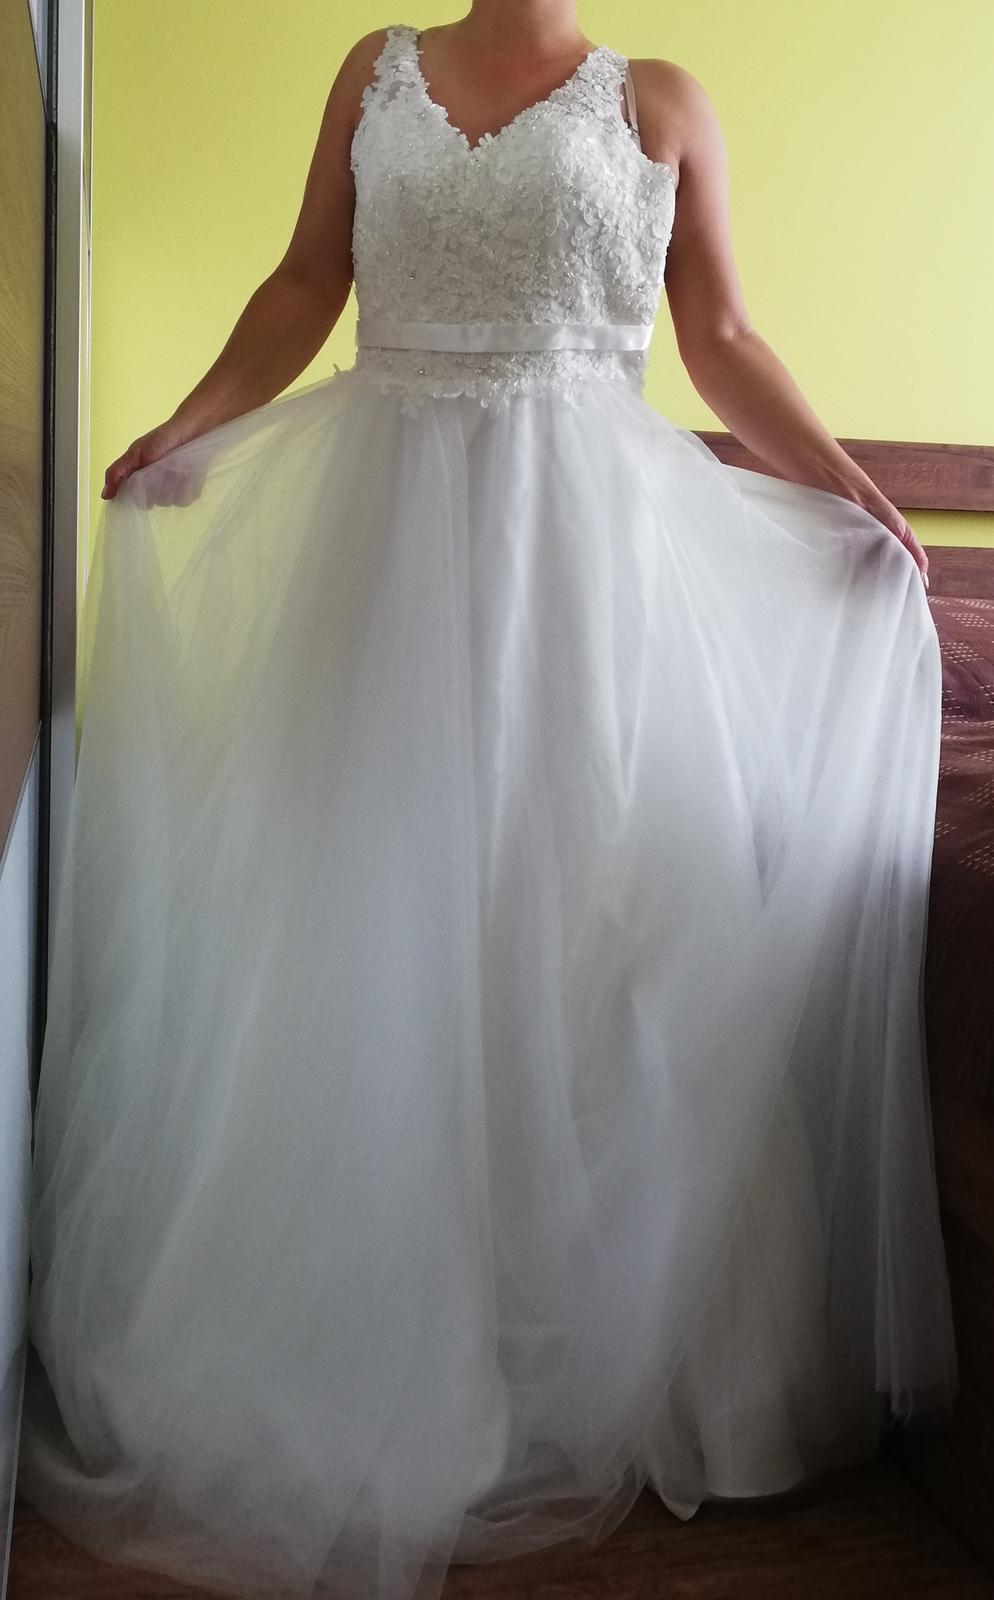 Nové Svatební šaty Luxuar Limited vel. 38 sedne taky vel.36 - Obrázek č. 2